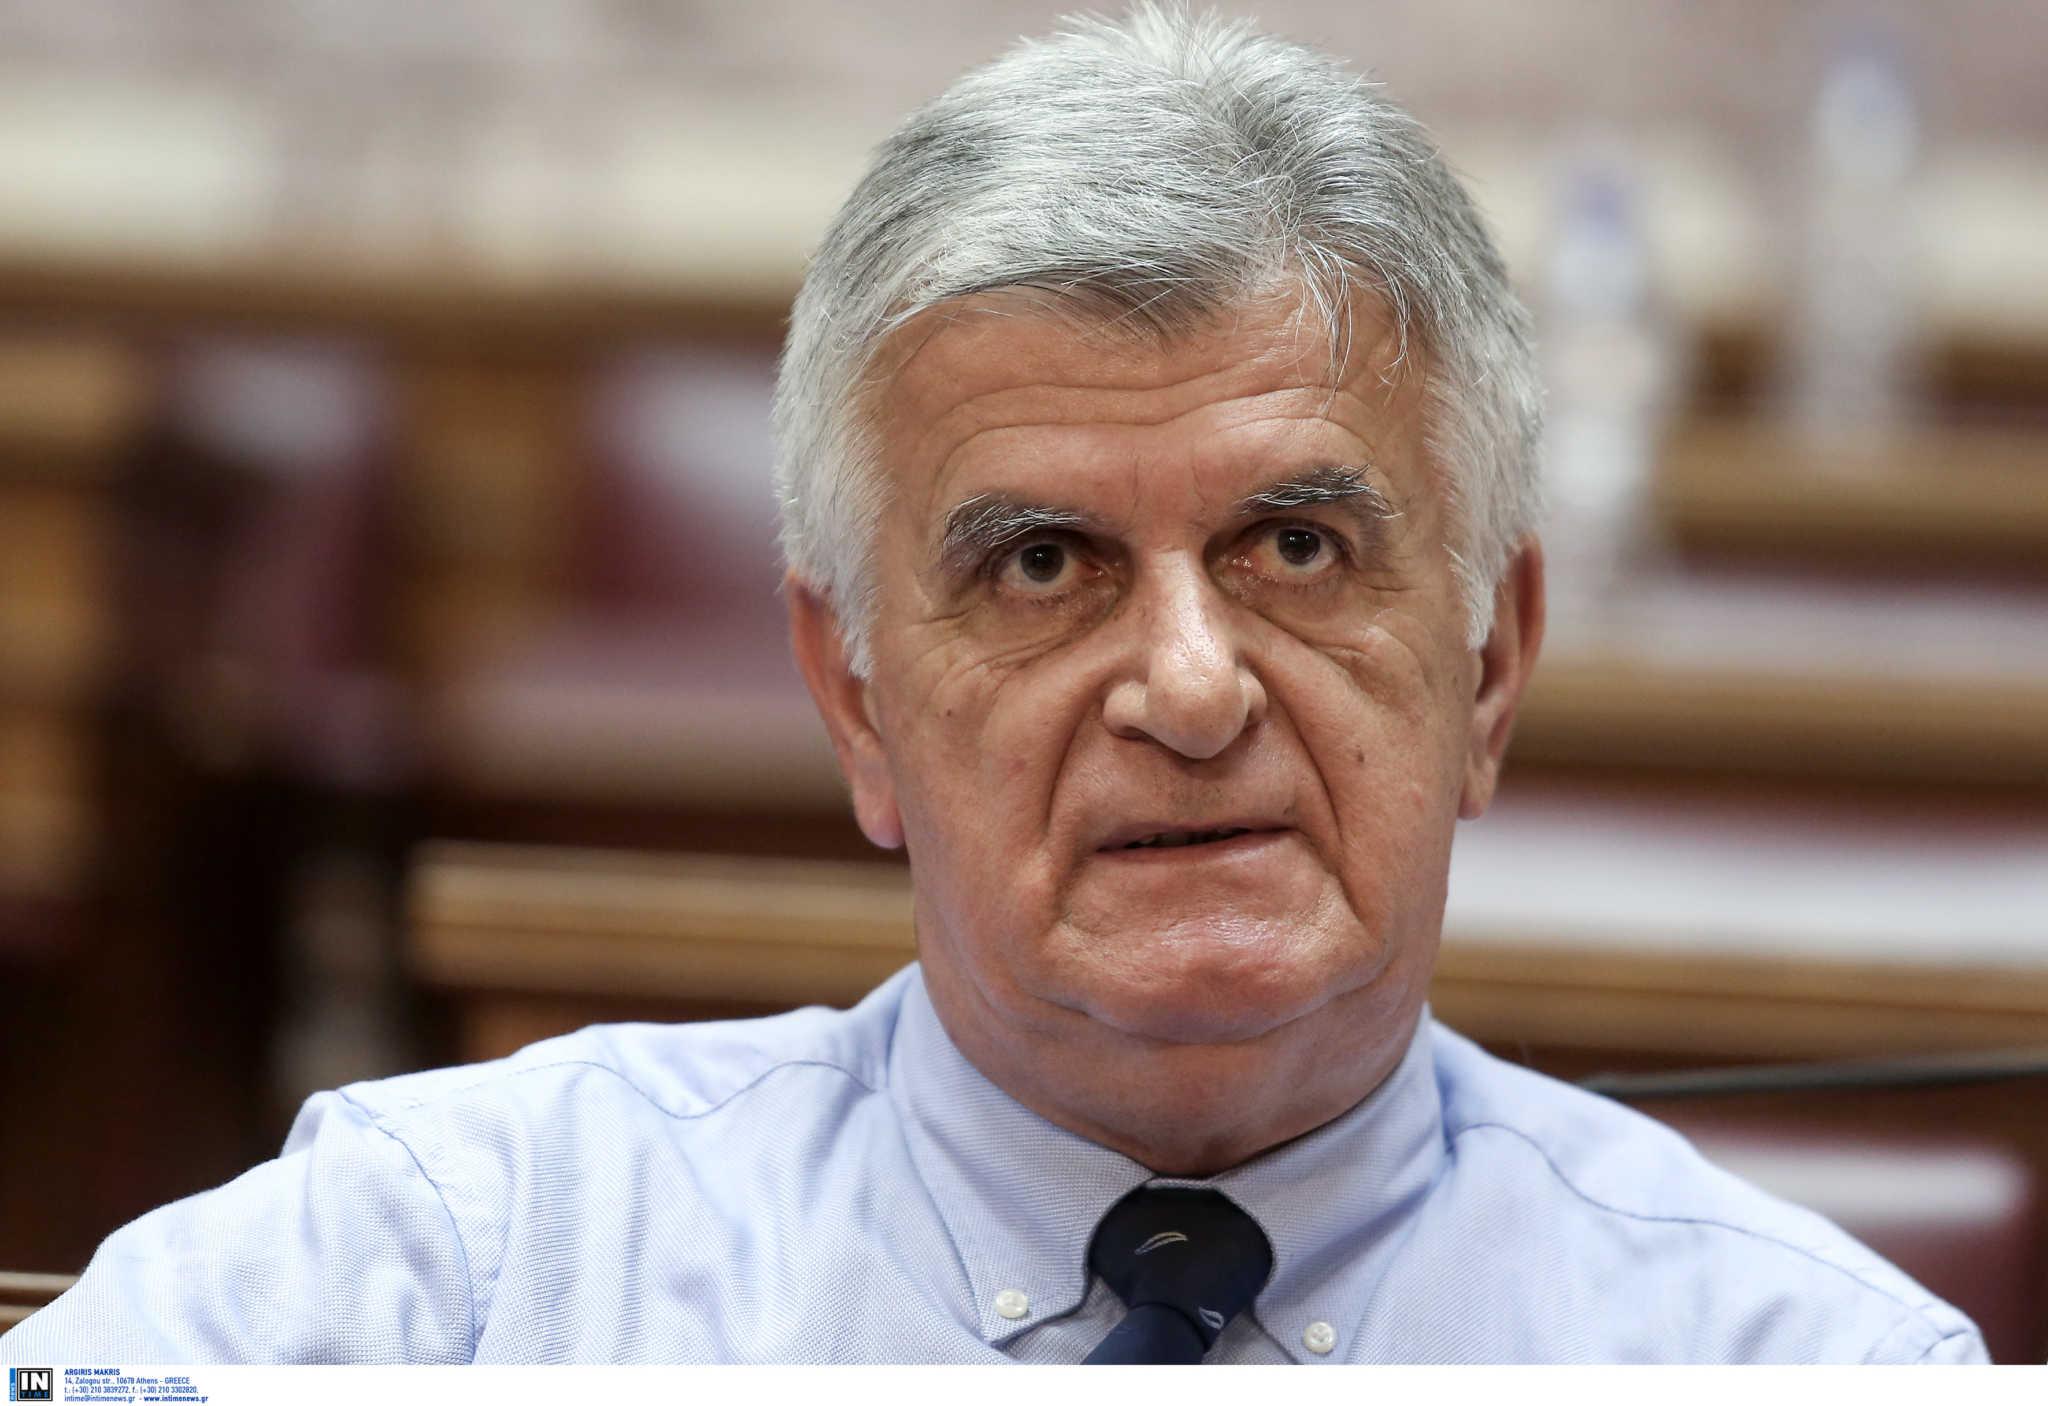 Πέθανε σε ηλικία 70 ετών, ο πρώην πρόεδρος της Βουλής, Φίλιππος Πετσάλνικος